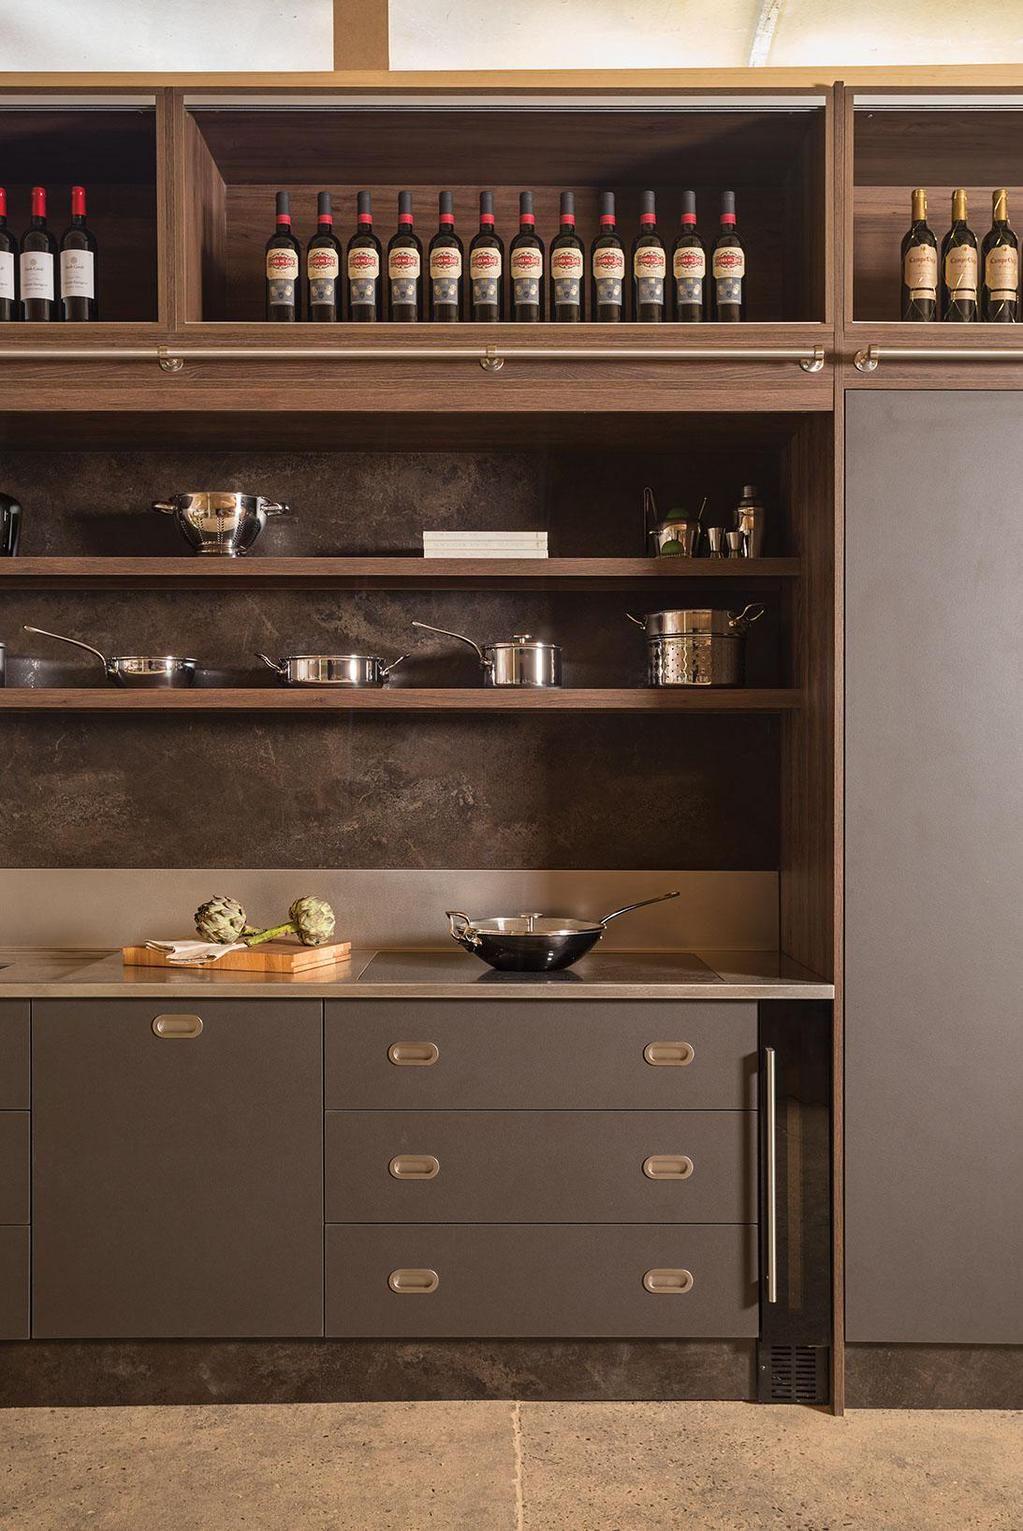 Studio CK on Freestanding kitchen, Kitchen display